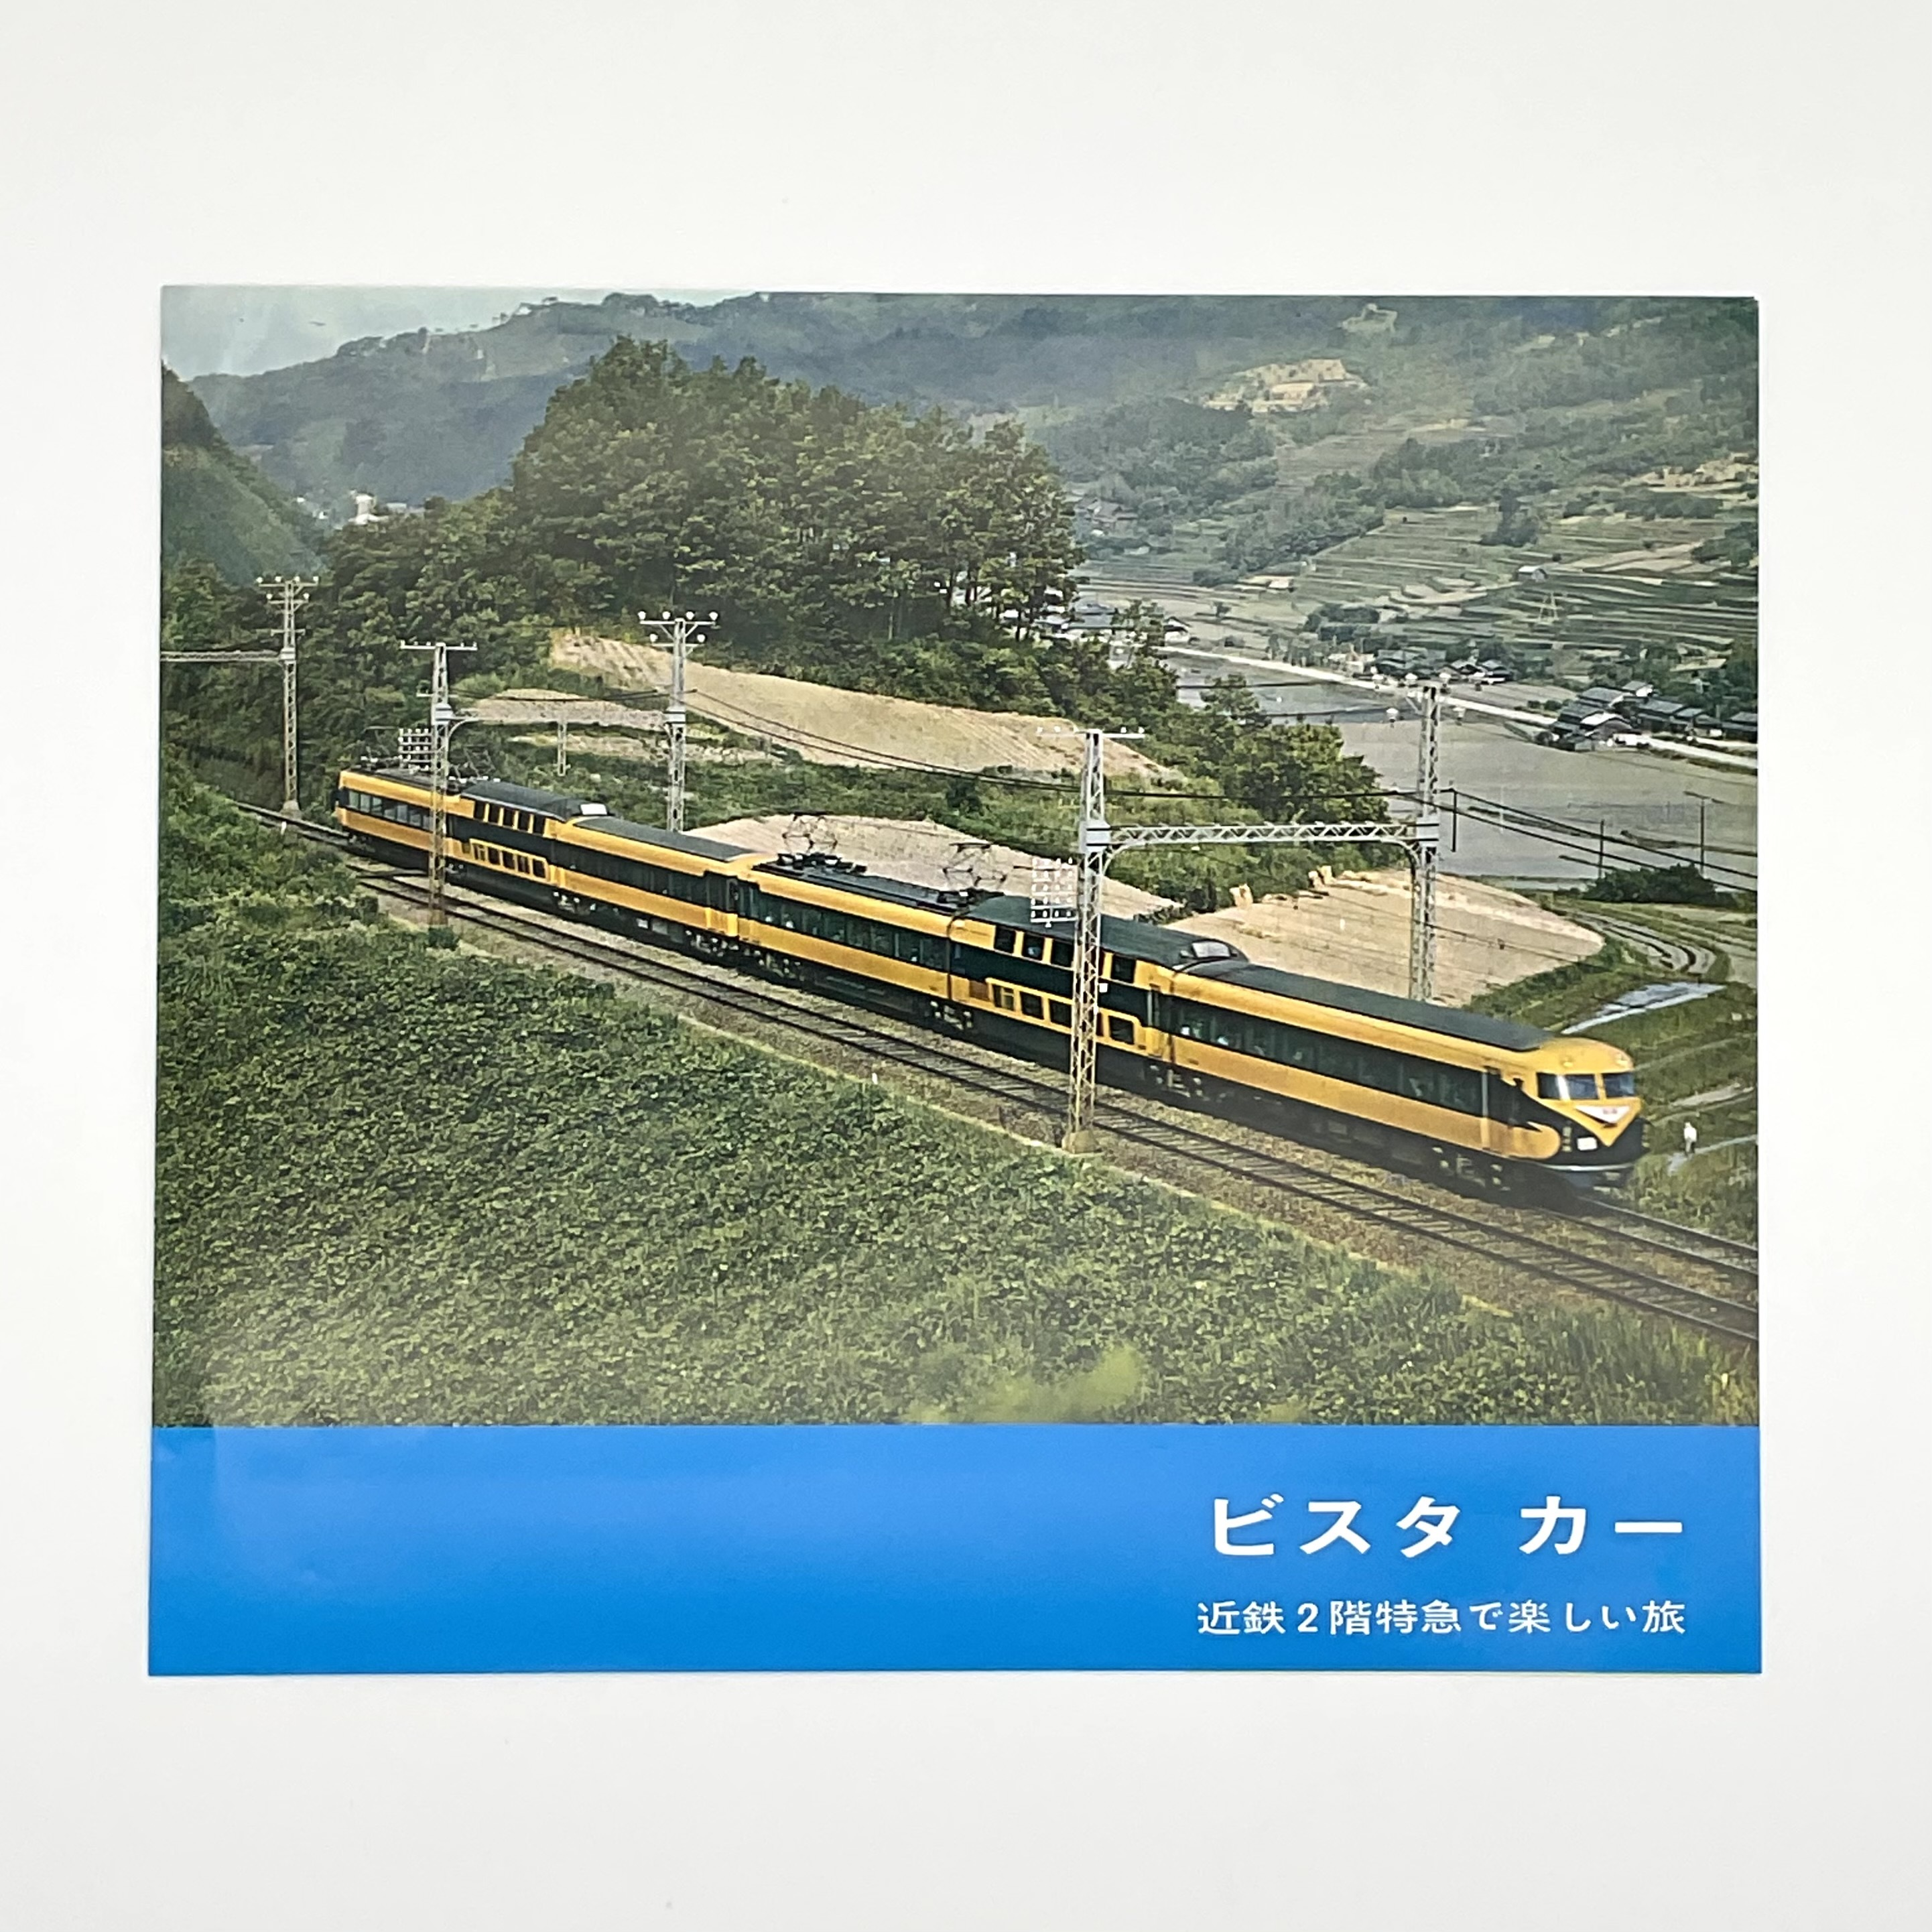 パンフレット 新ビスタ・カー